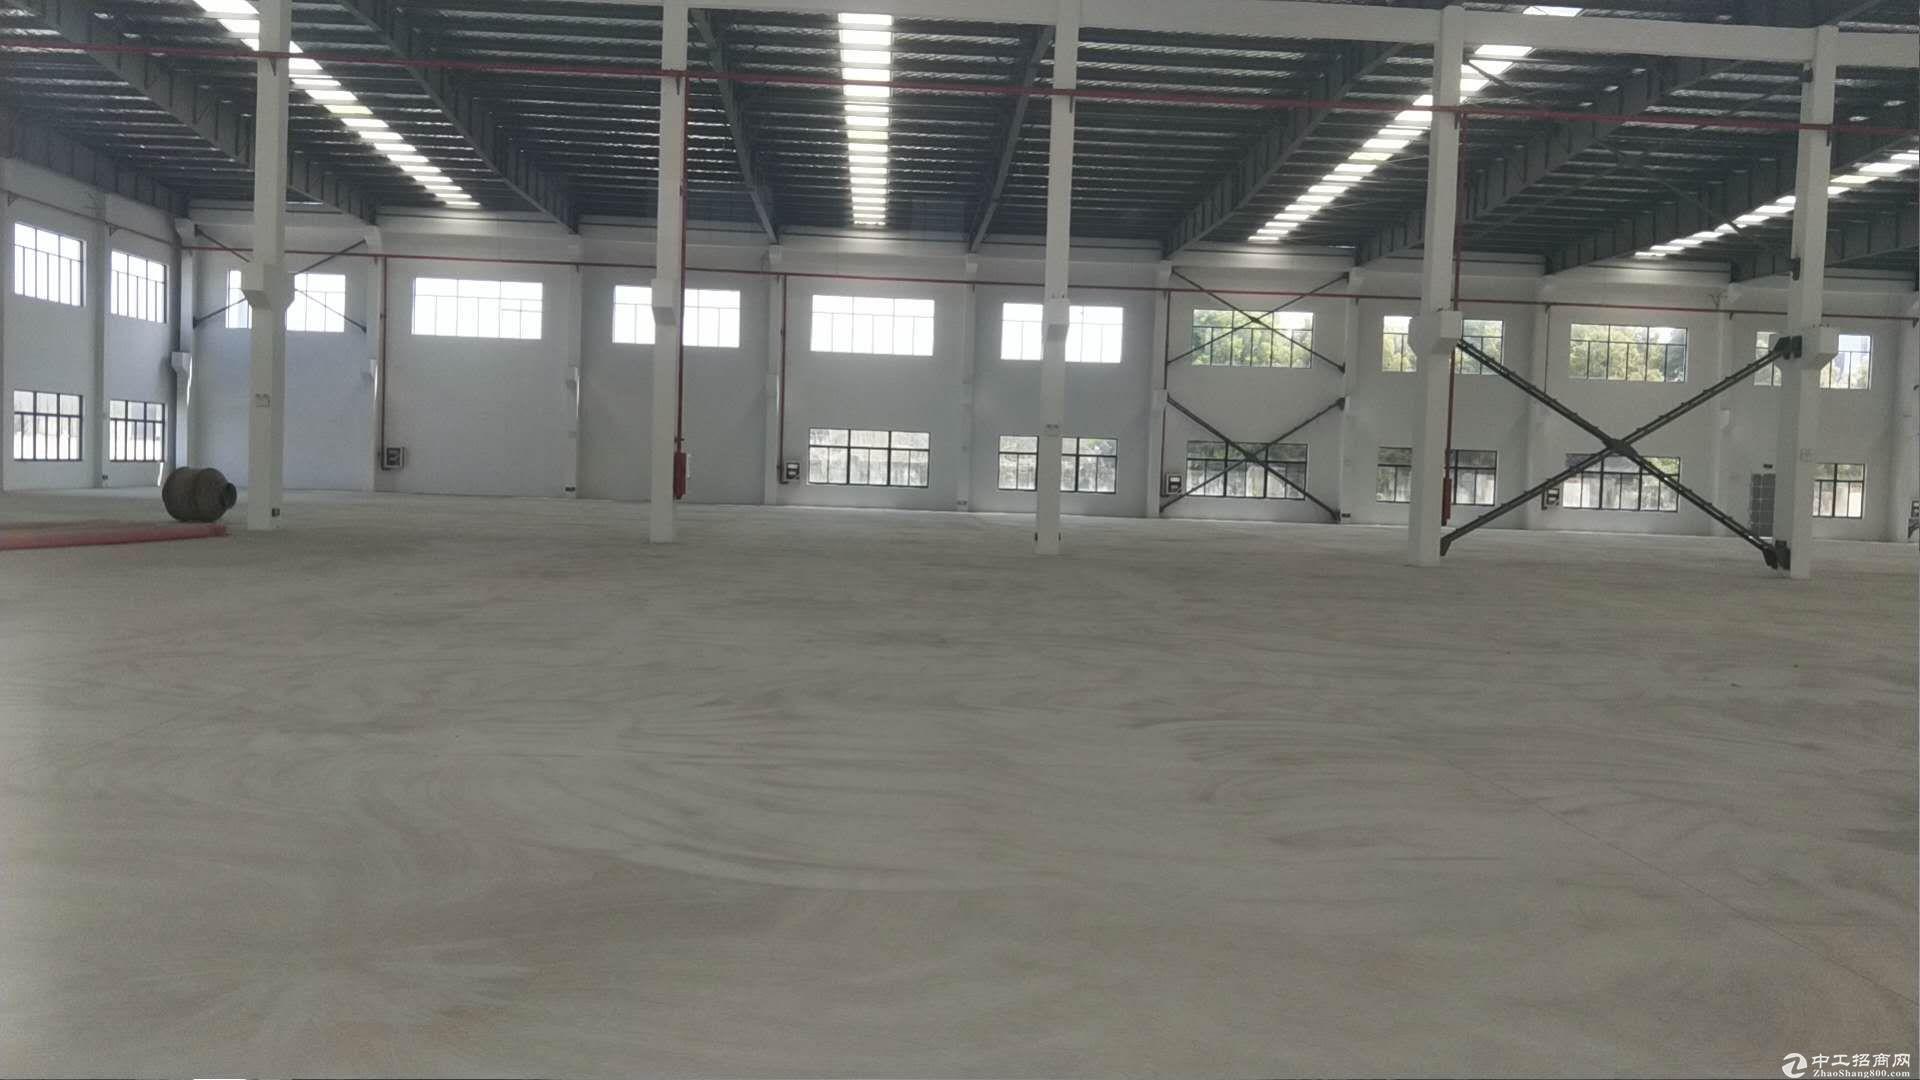 吴江汾湖开发区单层厂房出租,面积14500平米,